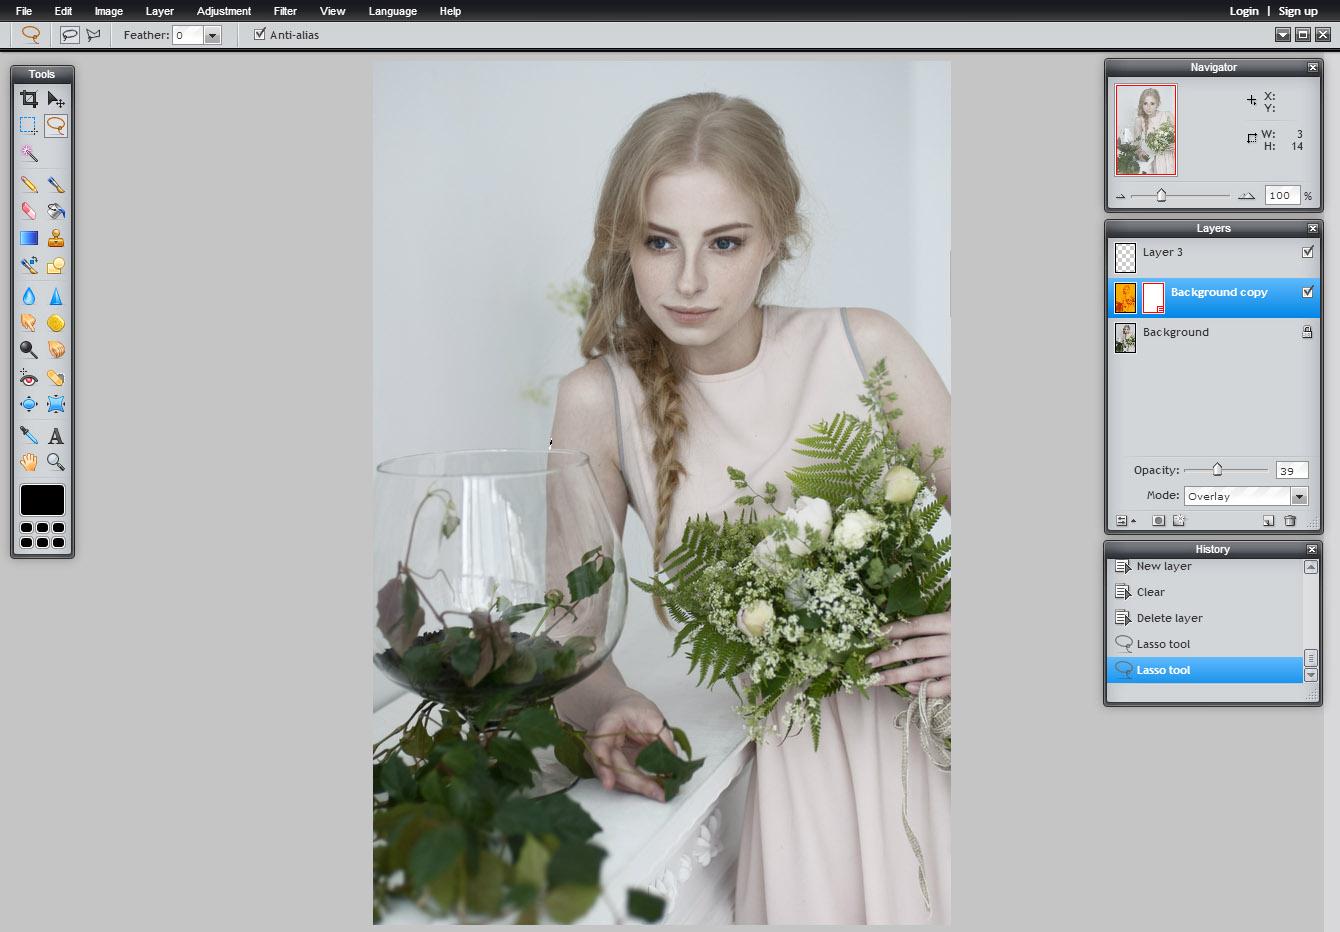 pixlr - czy to alternatywa dla Photoshop